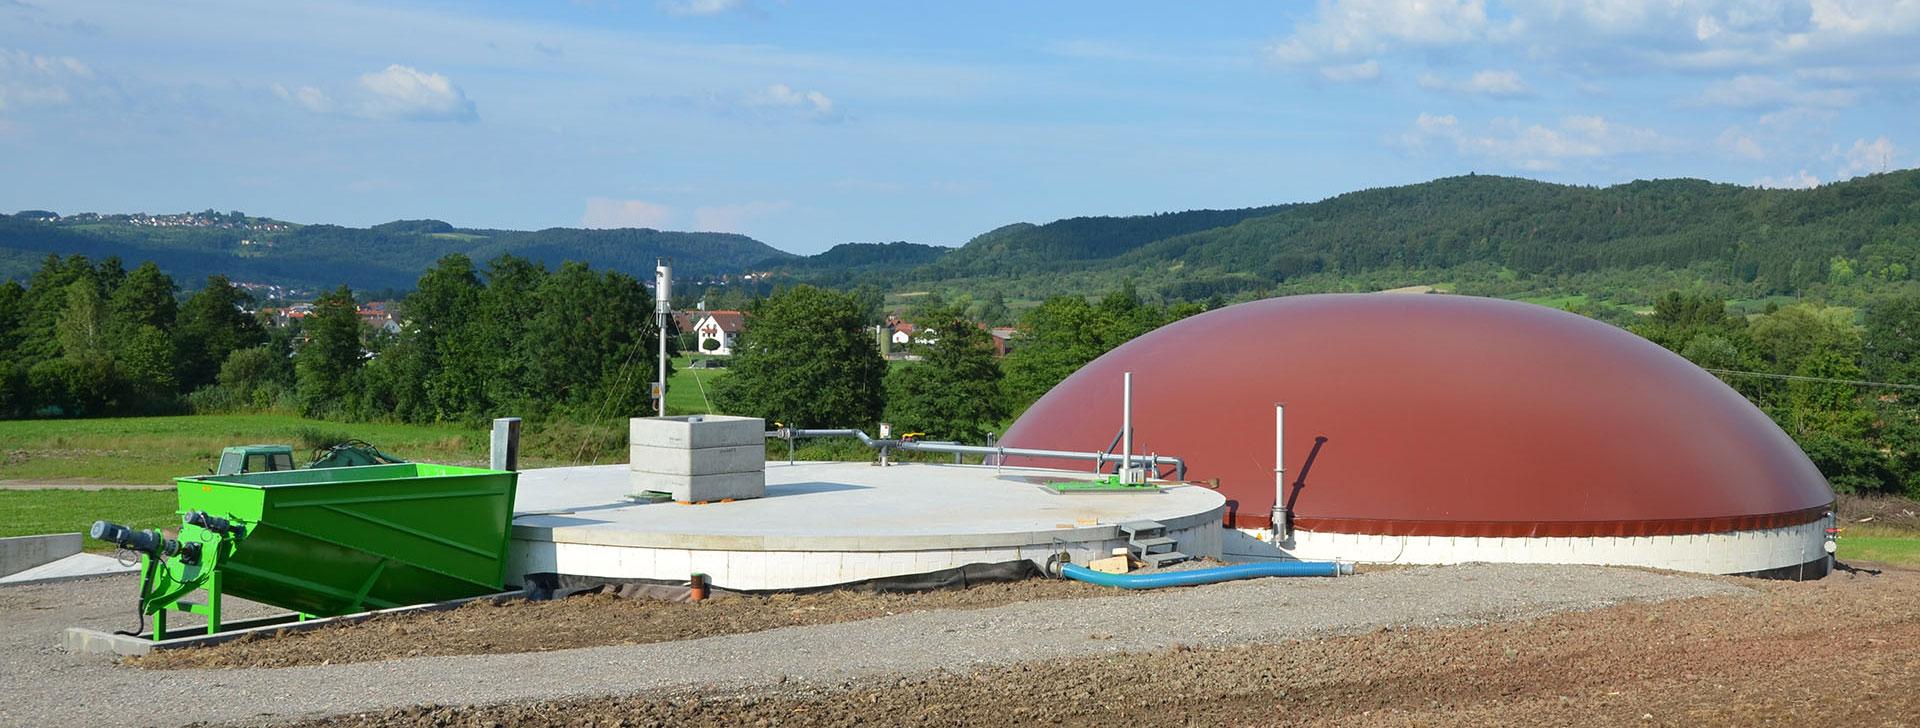 Biogasanlage mit Güllegrube